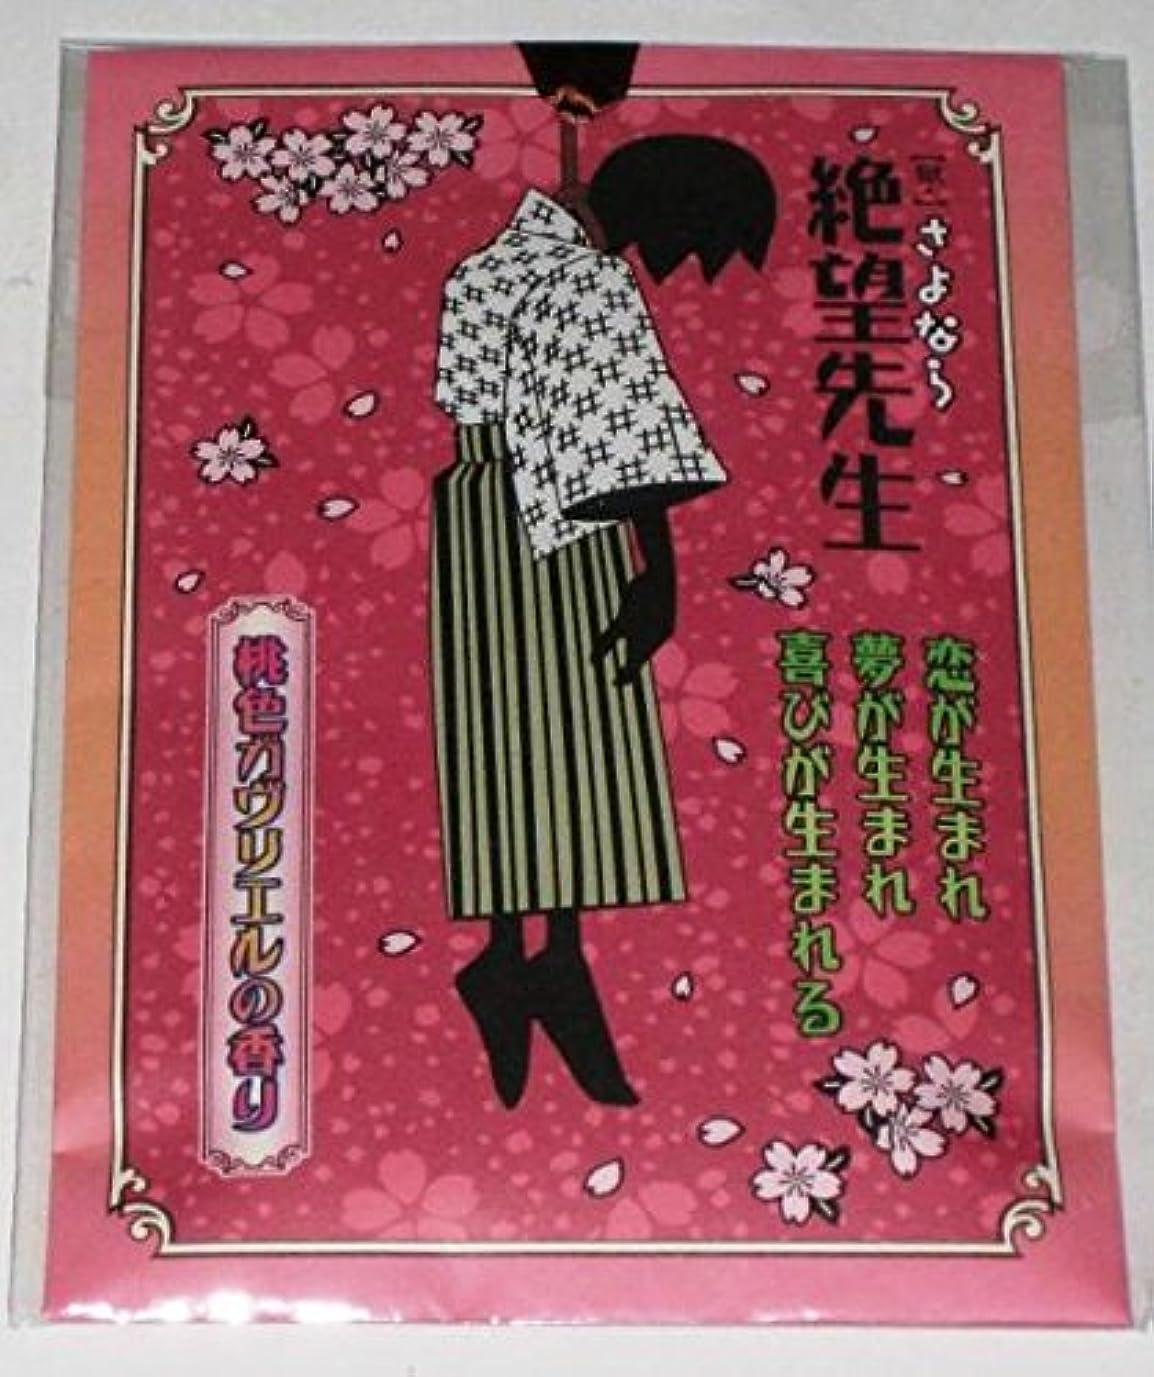 ブースメタルライン同時久米田康治「獄?さよなら絶望先生」香り袋/桃色ガヴリエルの香